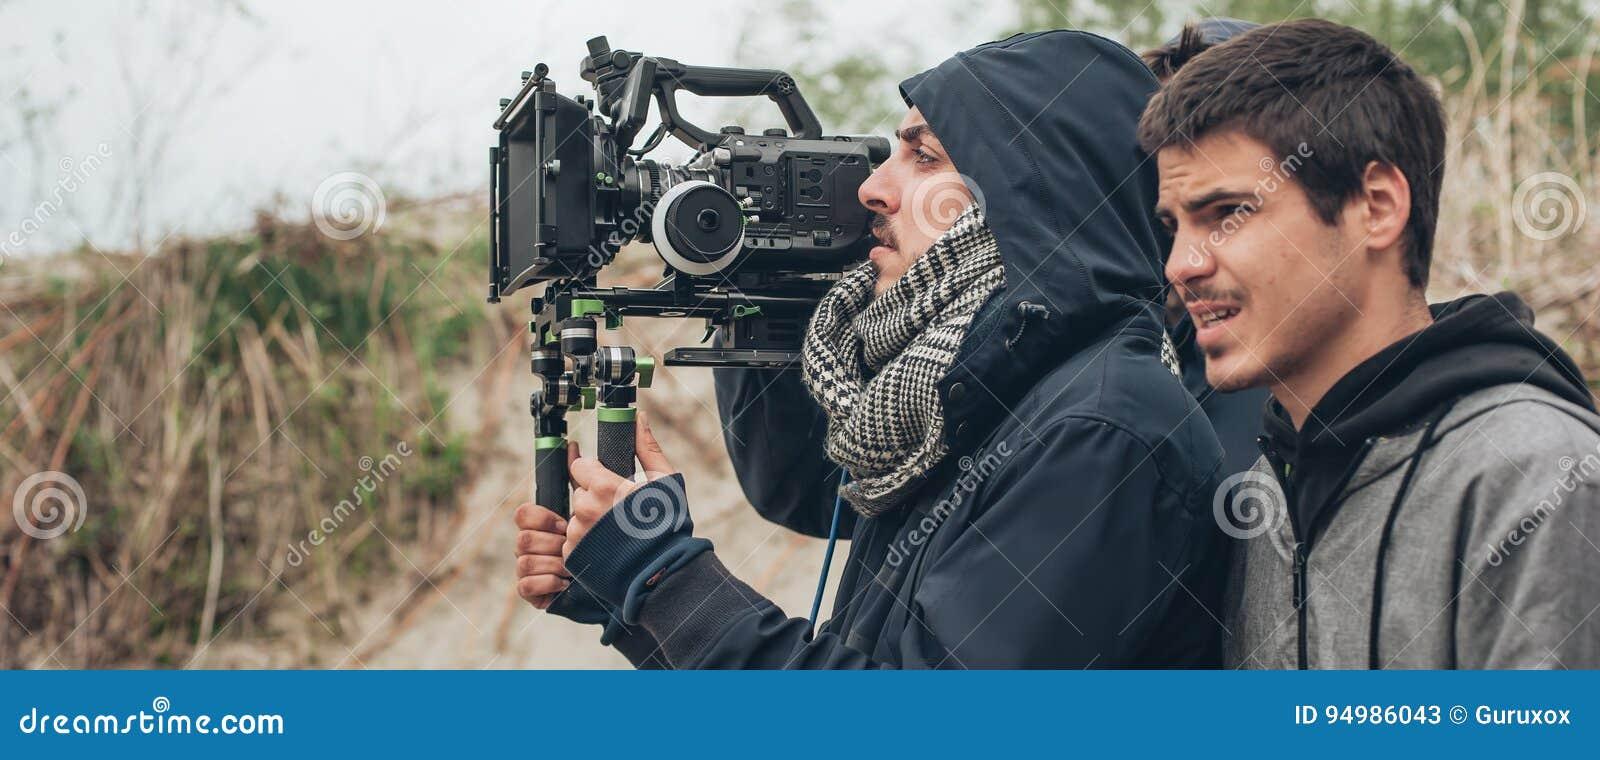 Hinter der Szene Kameramann- und Filmregisseurschießenfilm scen